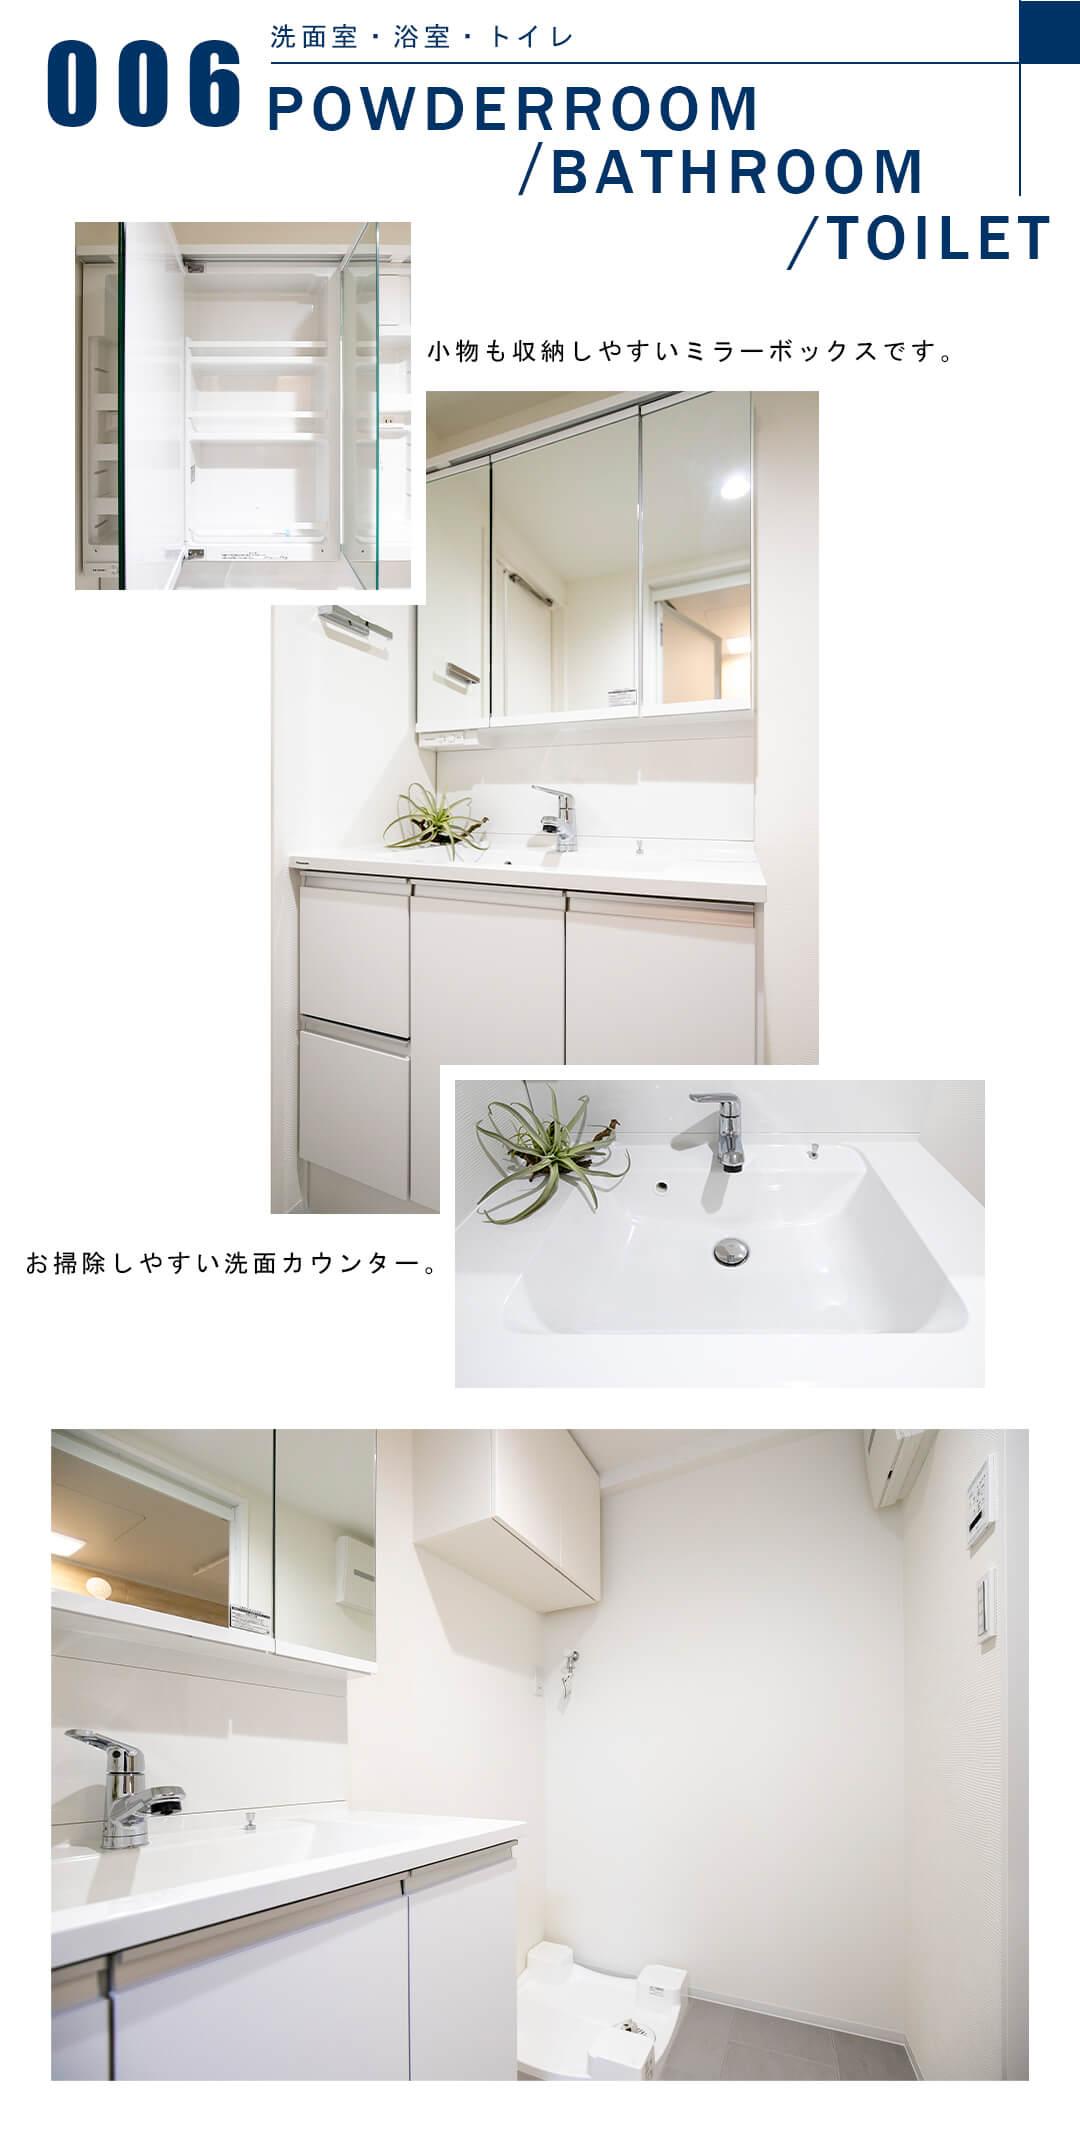 006洗面室,浴室,トイレ,POWDERROOM,BATHROOM,TOILET